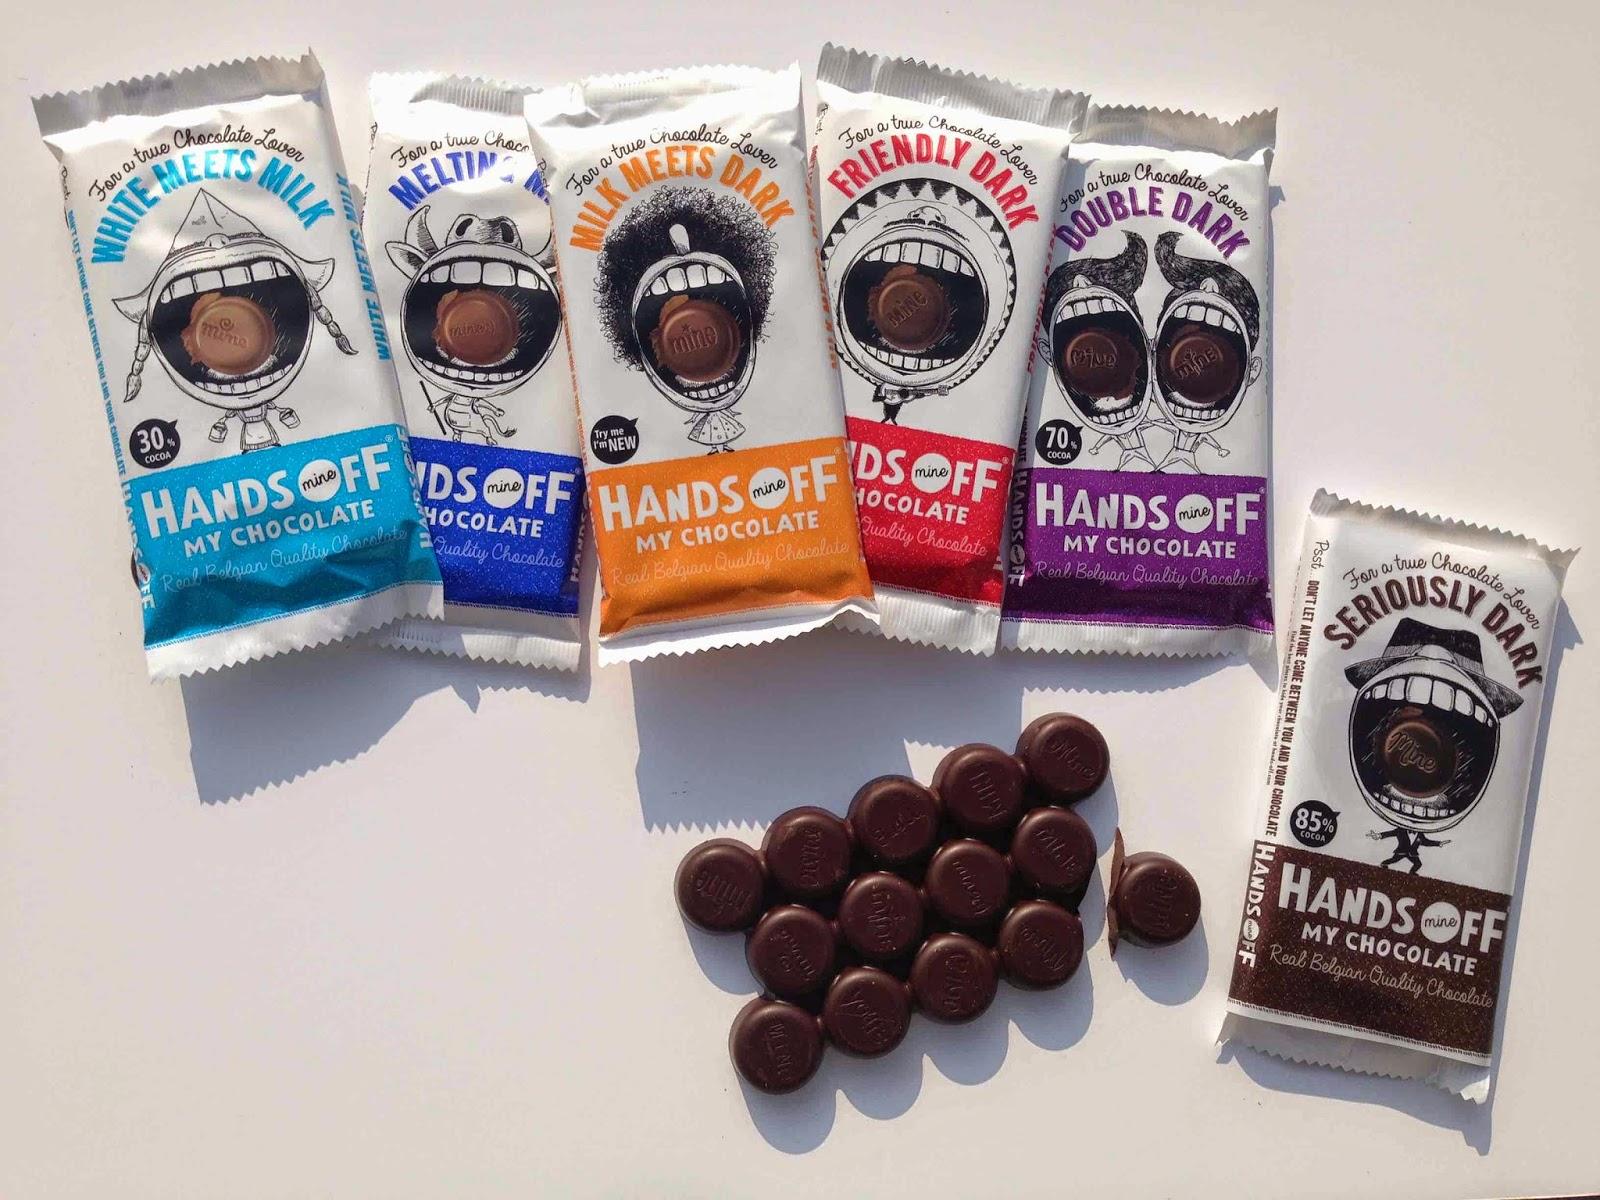 My happy kitchen test: Hands off My Chocolate. En ik verdeel drie test repen!